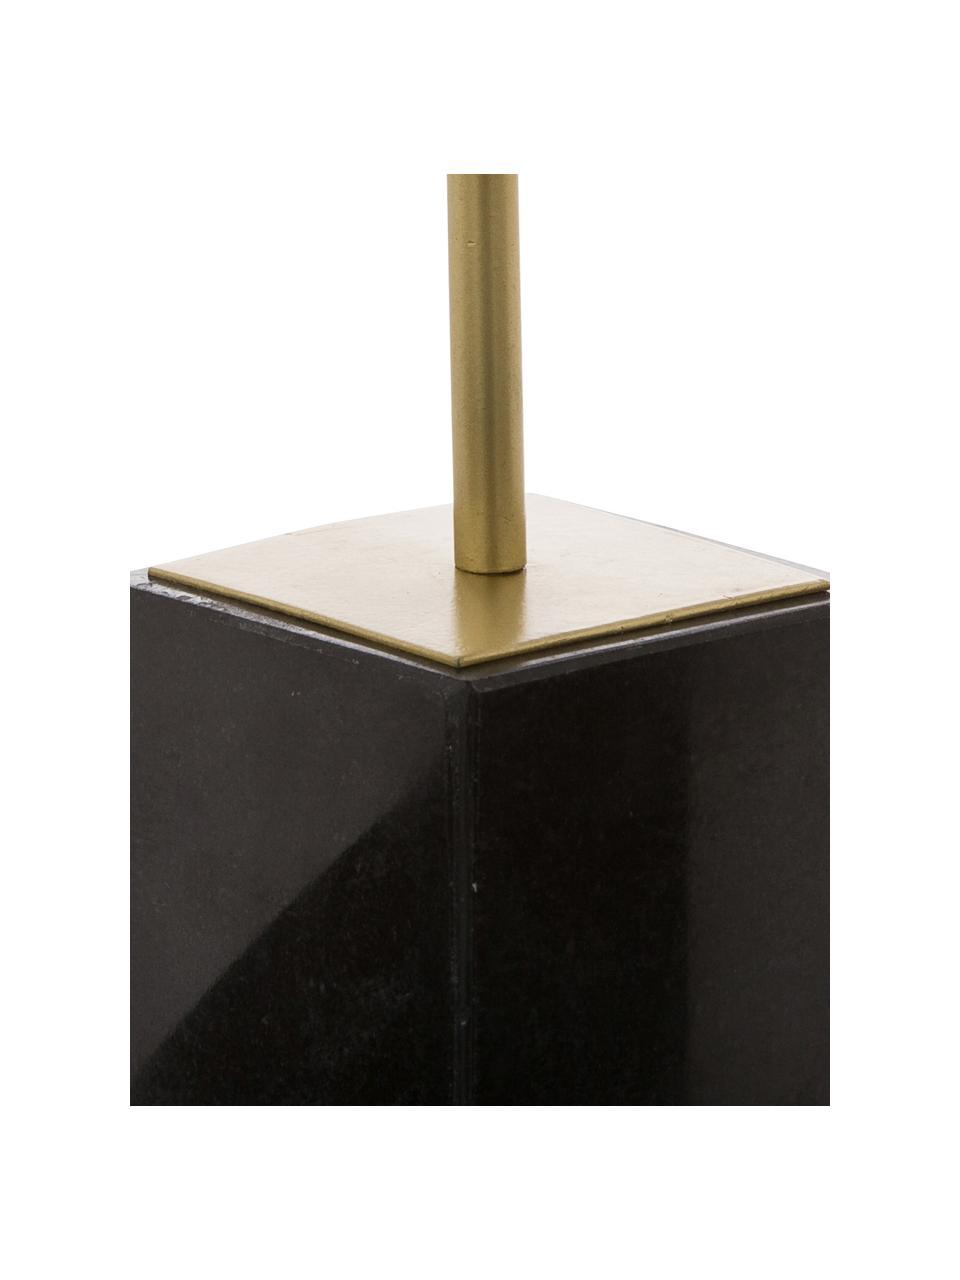 Dekoracja Marball, Nogi: marmur, Nasada: odcienie złotego Podstawa: czarny marmur, W 30 cm